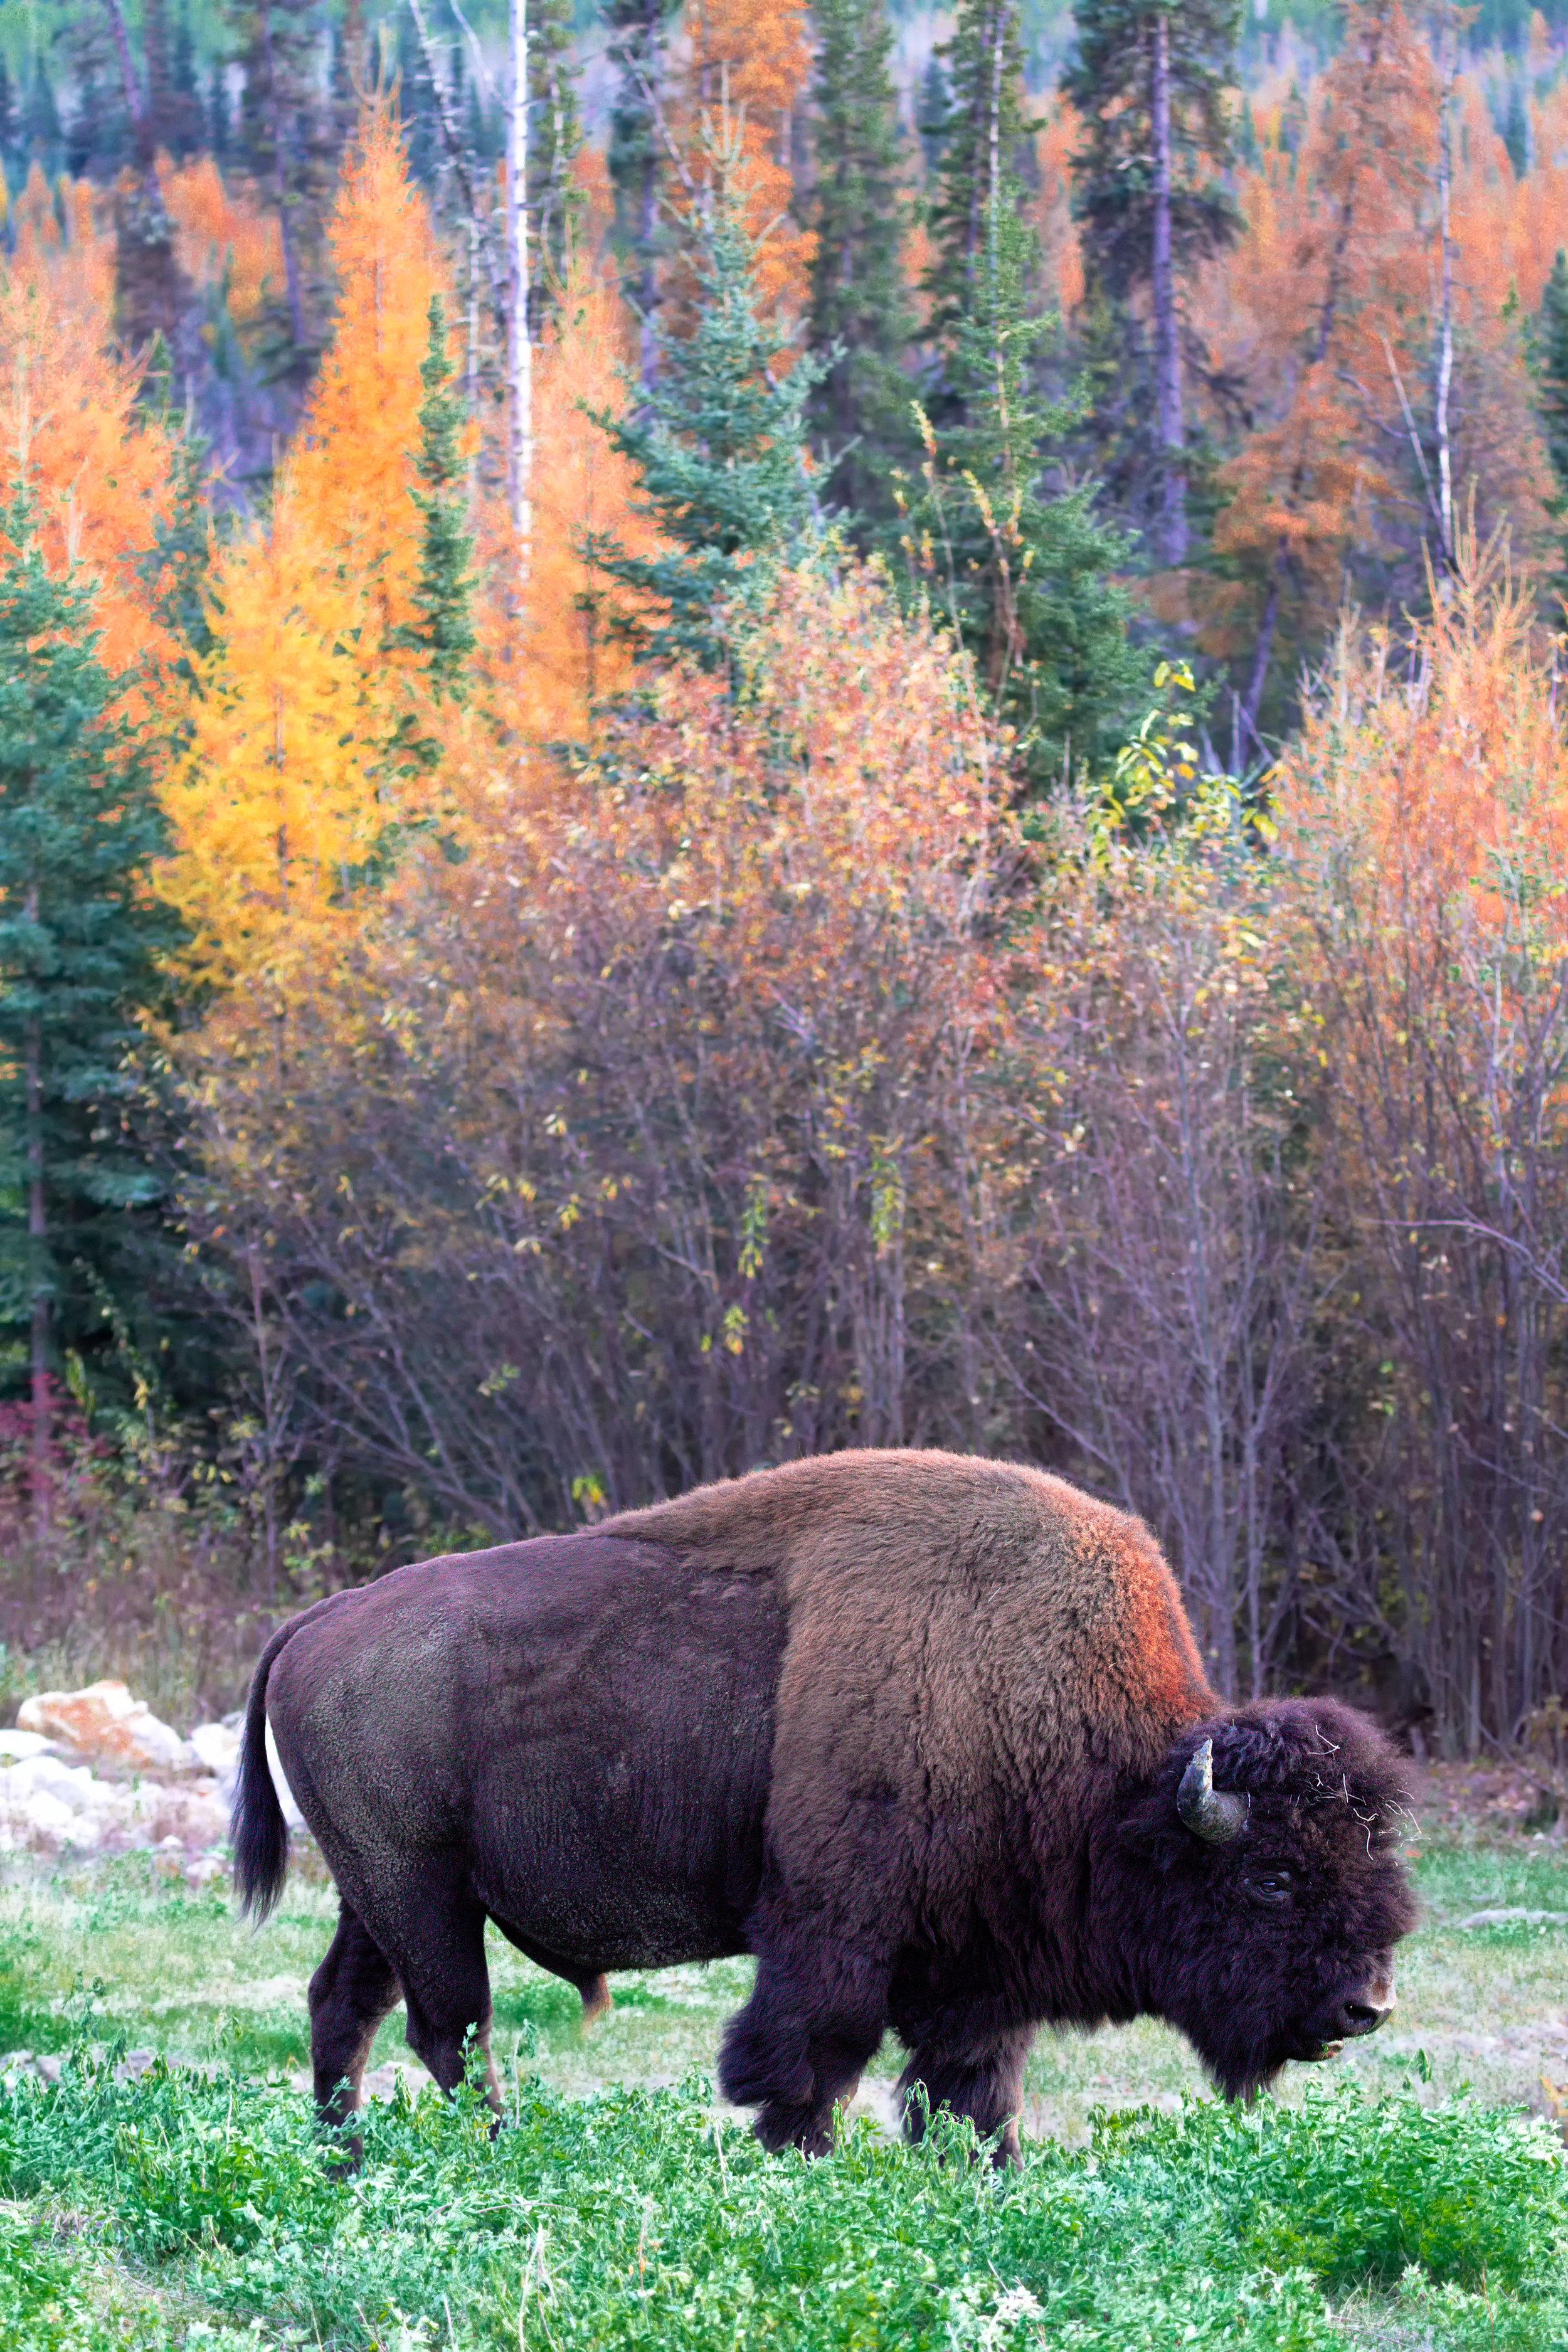 Bison-Autumn-Trees.jpg